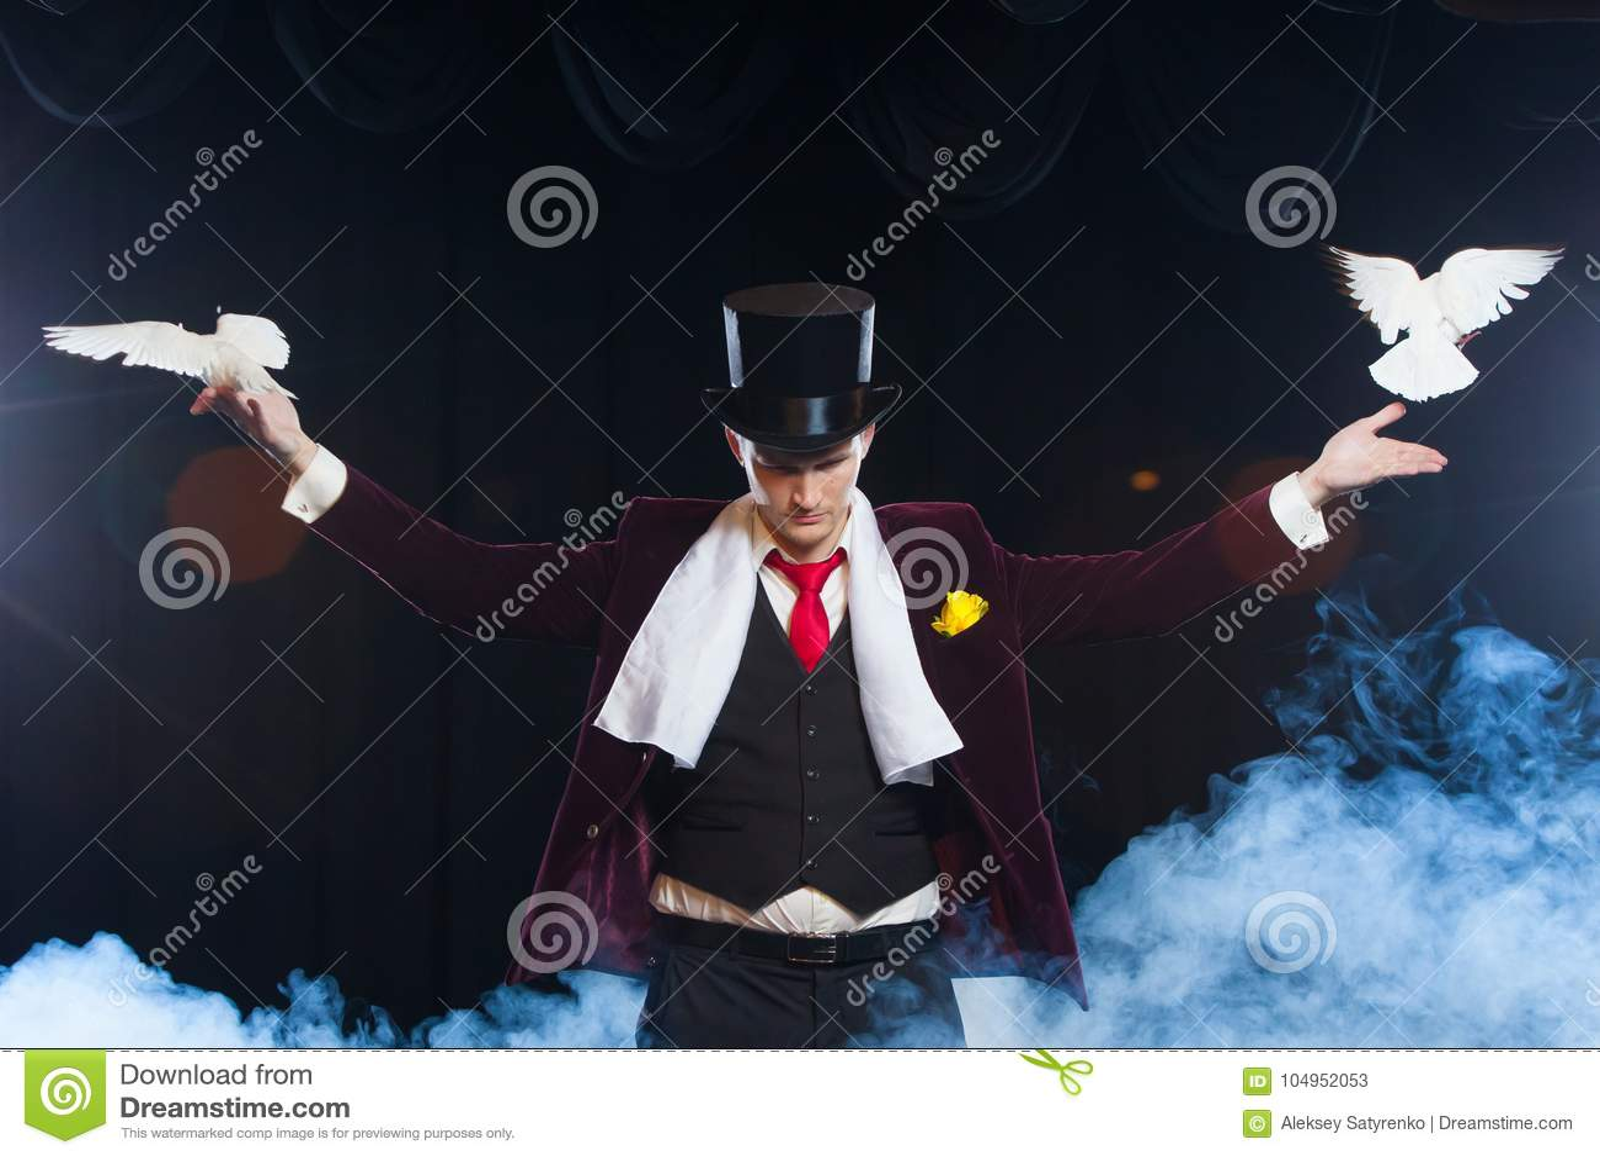 De tovenaar met twee vliegende witte Duiven op een zwarte die achtergrond in een mooie geheimzinnige rook wordt gehuld